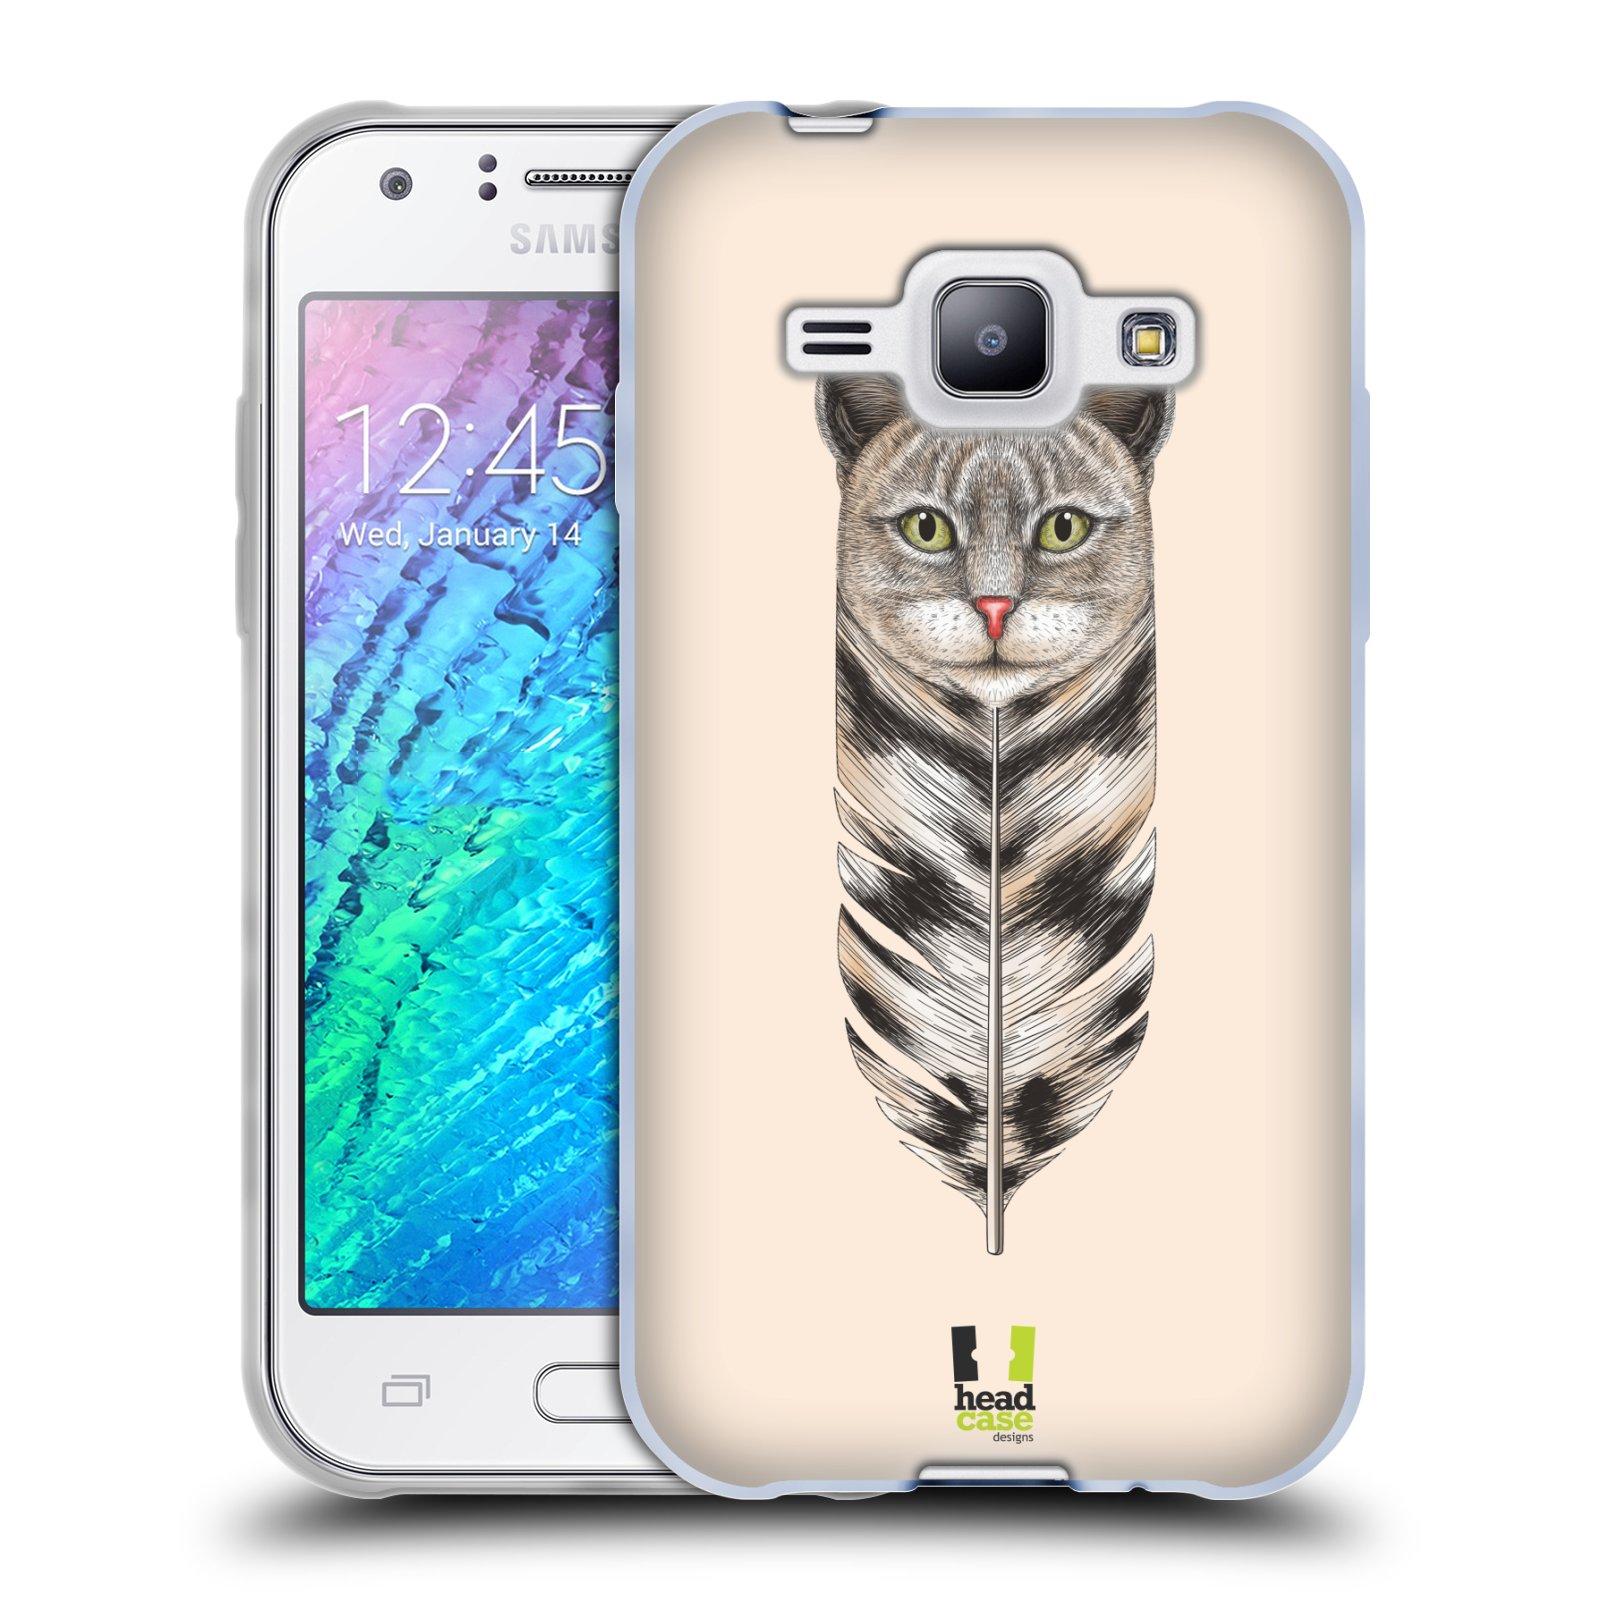 Silikonové pouzdro na mobil Samsung Galaxy J1 HEAD CASE PÍRKO KOČKA (Silikonový kryt či obal na mobilní telefon Samsung Galaxy J1 a J1 Duos)